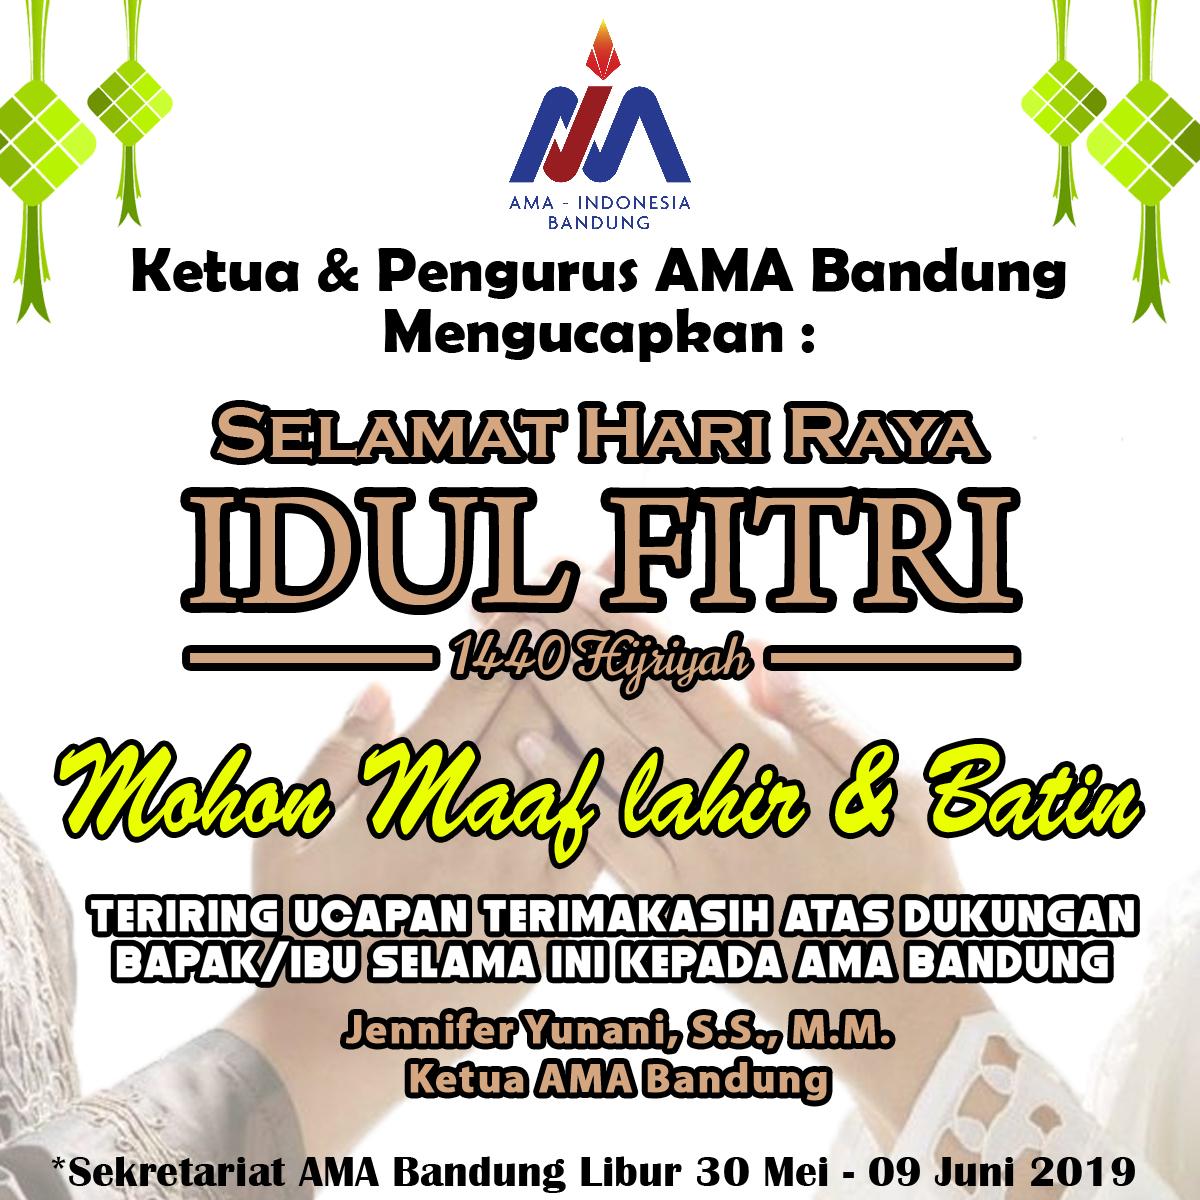 Selamat Idul Fitri 1440 Hijiriyah dari AMA Bandung